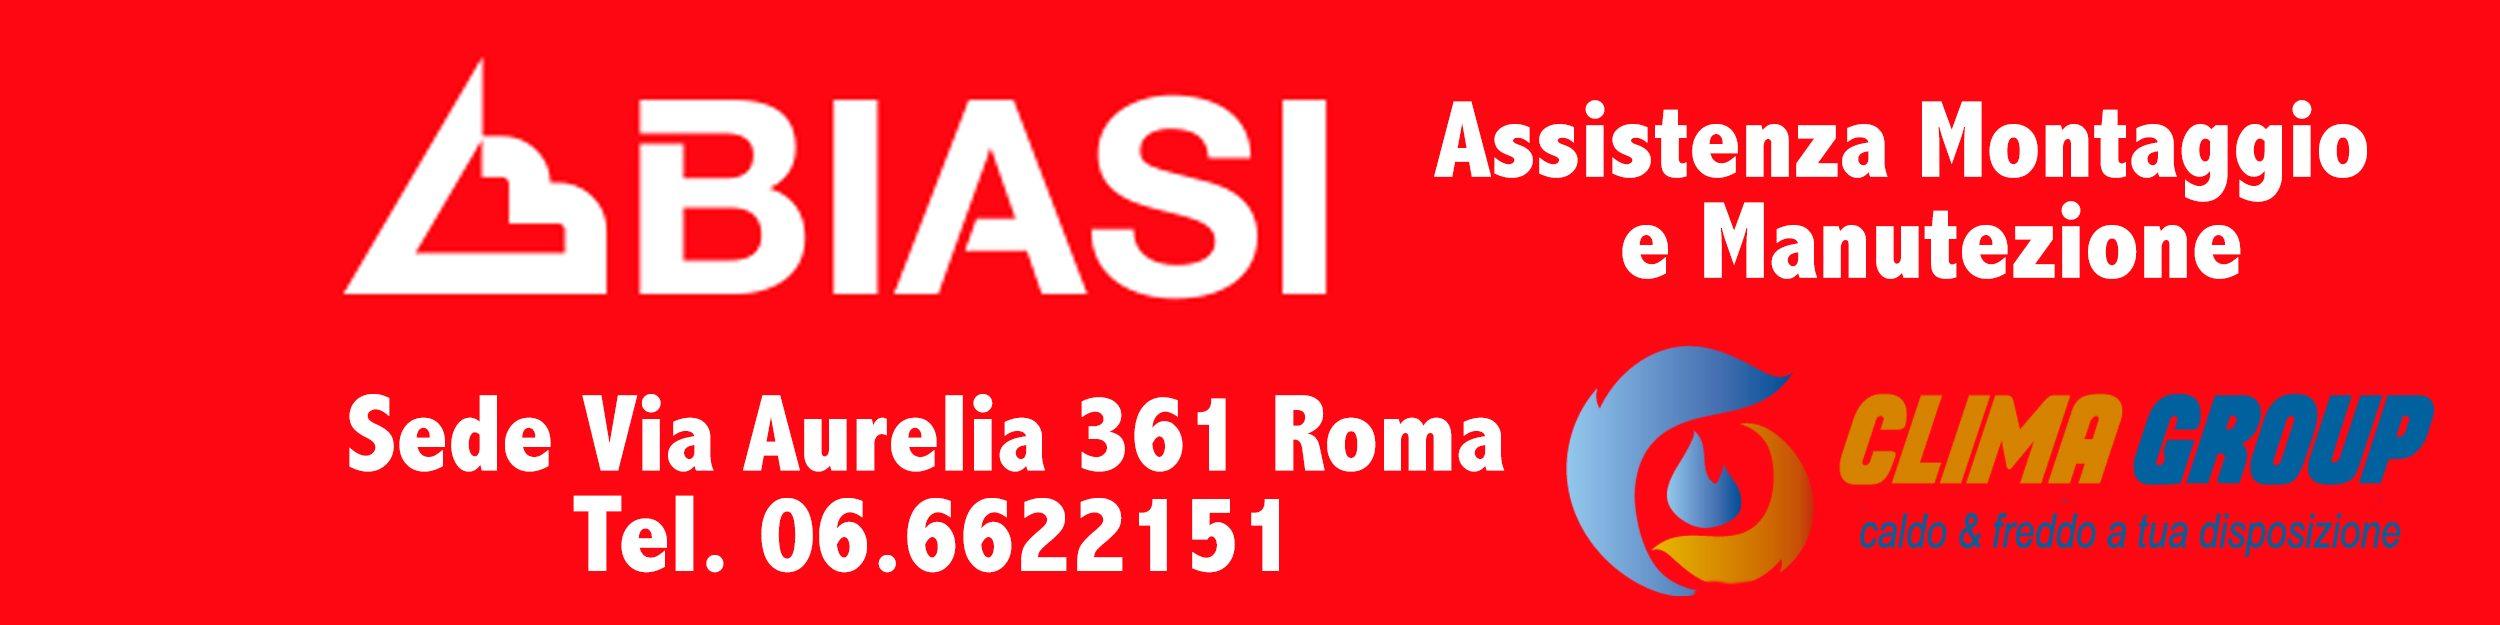 Assistenza Caldaie Biasi Roma